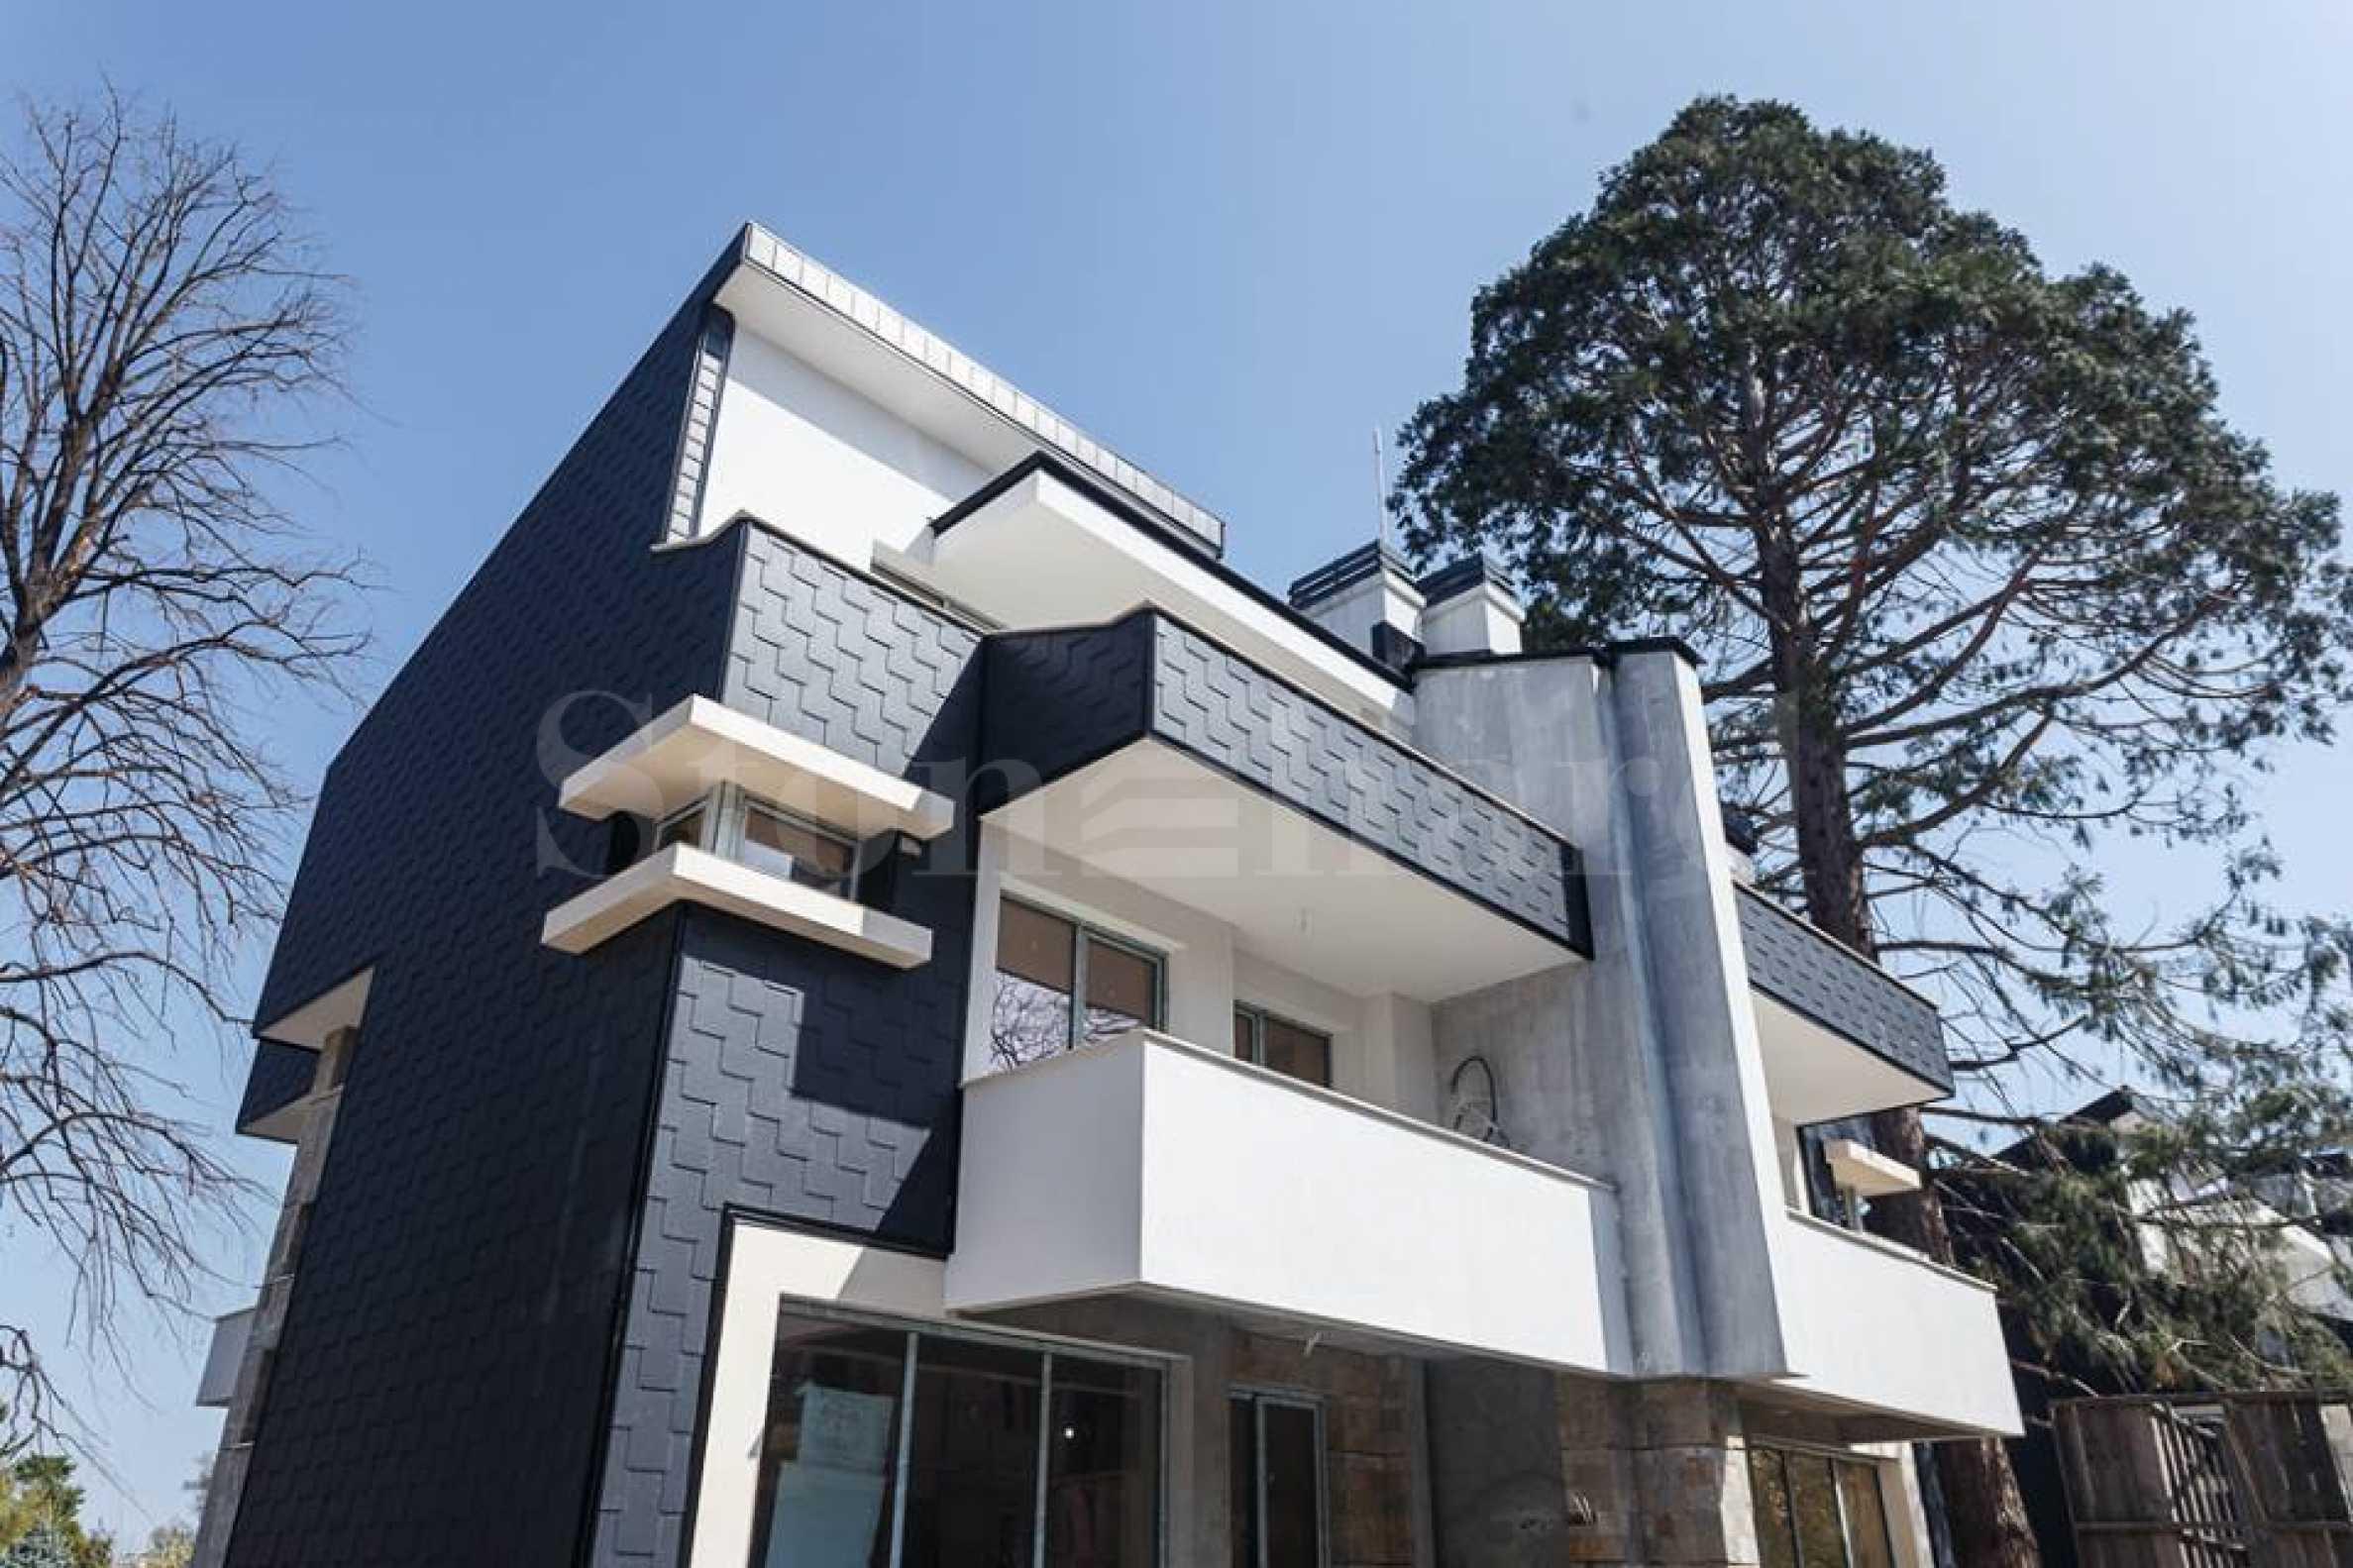 Нови къщи в кв. Бояна в полите на Витоша1 - Stonehard